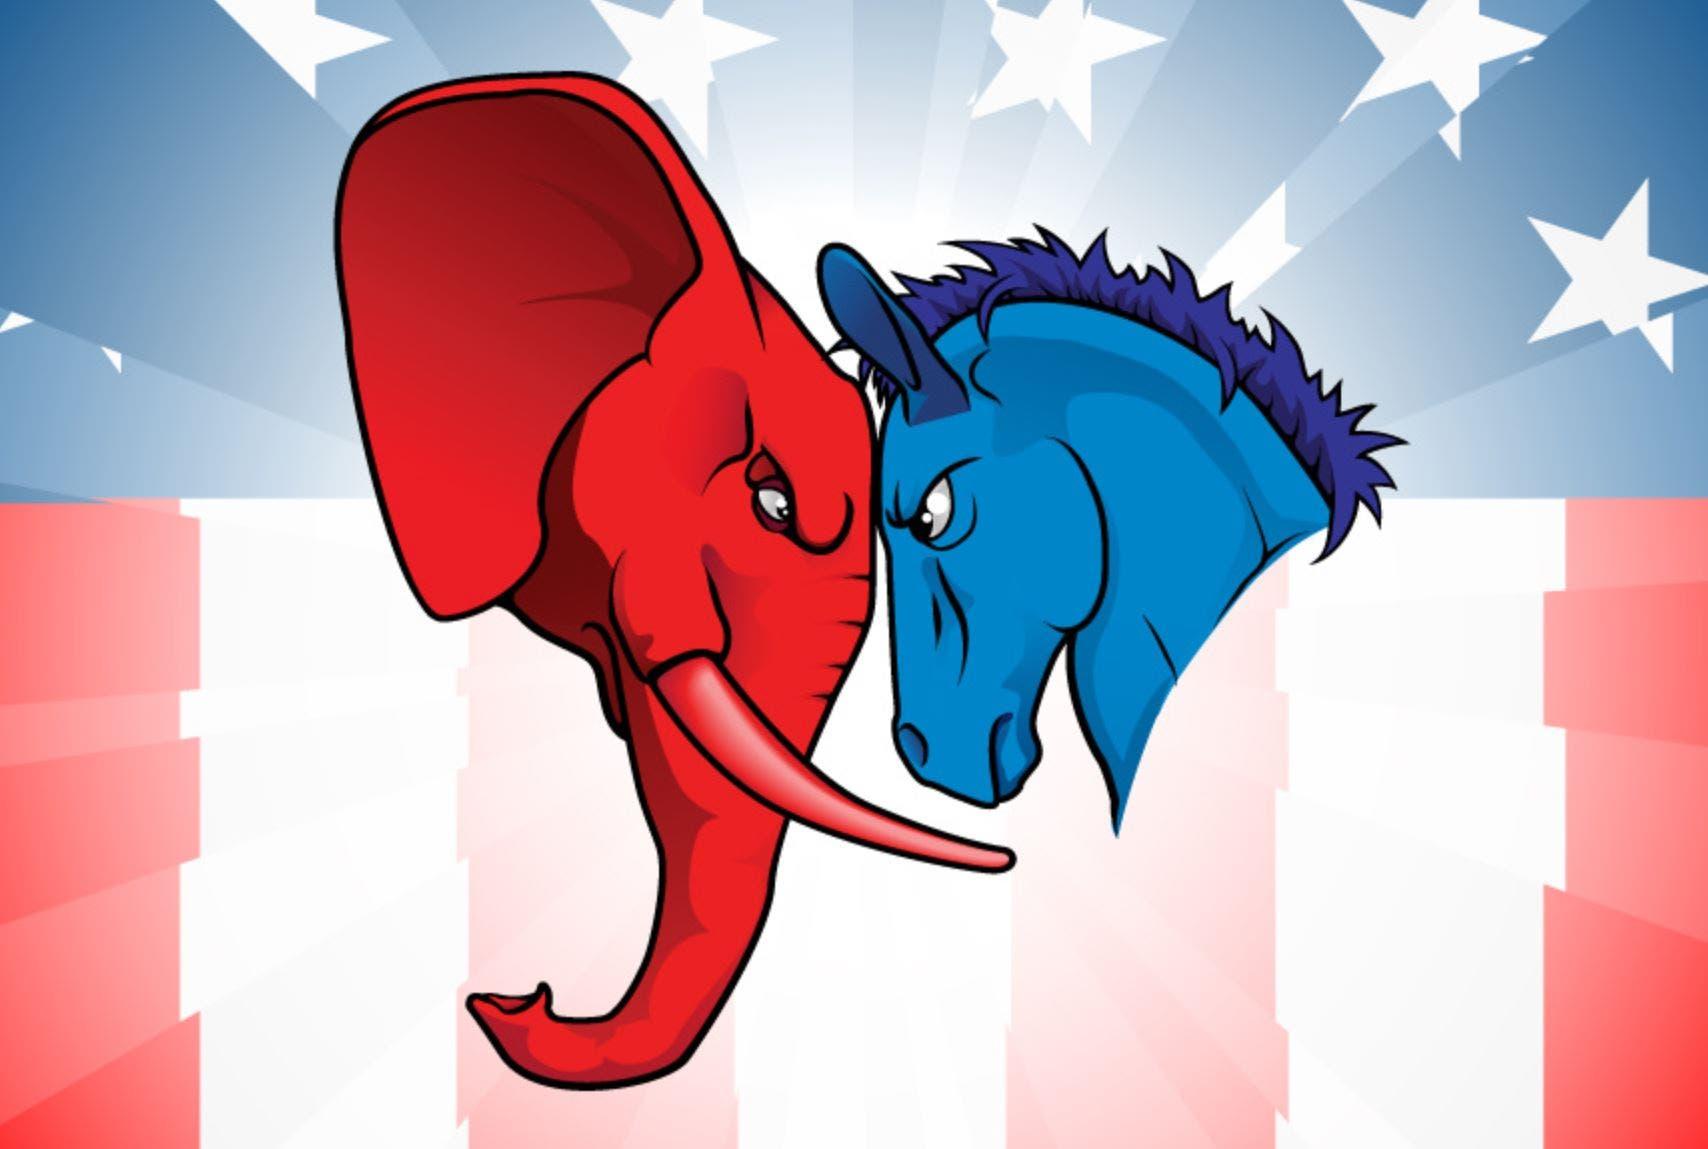 شعارا الحزب الديمقراطي إلى اليمين والجمهوري يساراً